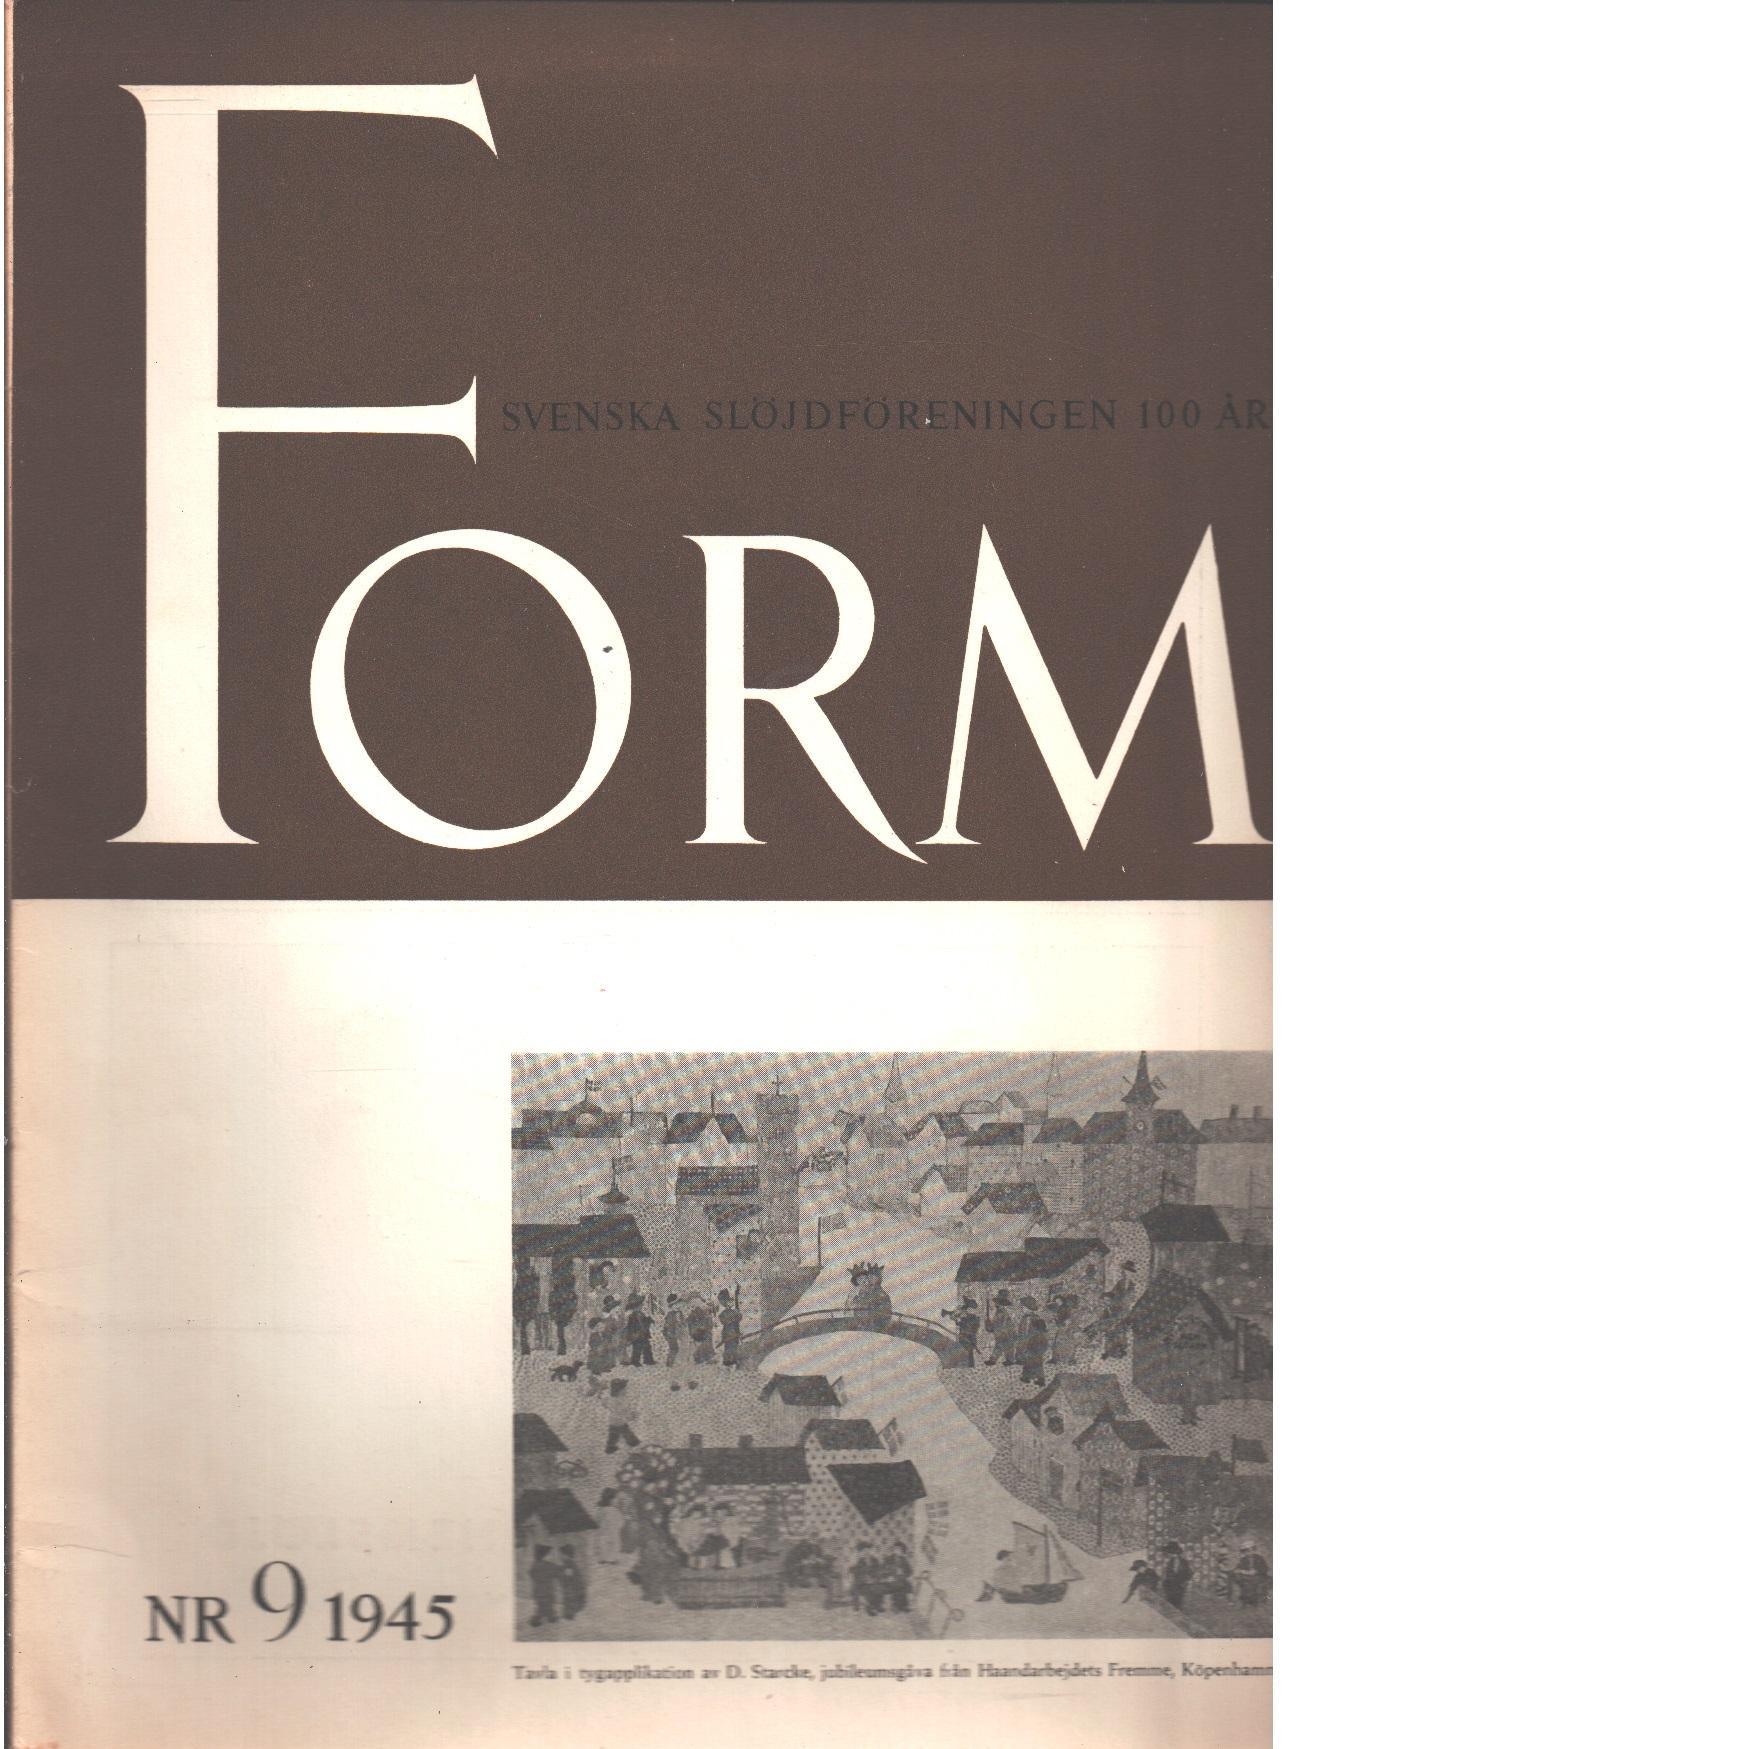 Form - Svenska slöjdföreningen 100 år : Svenska slöjdföreningens tidskrift Nr 9 1945 - Red.